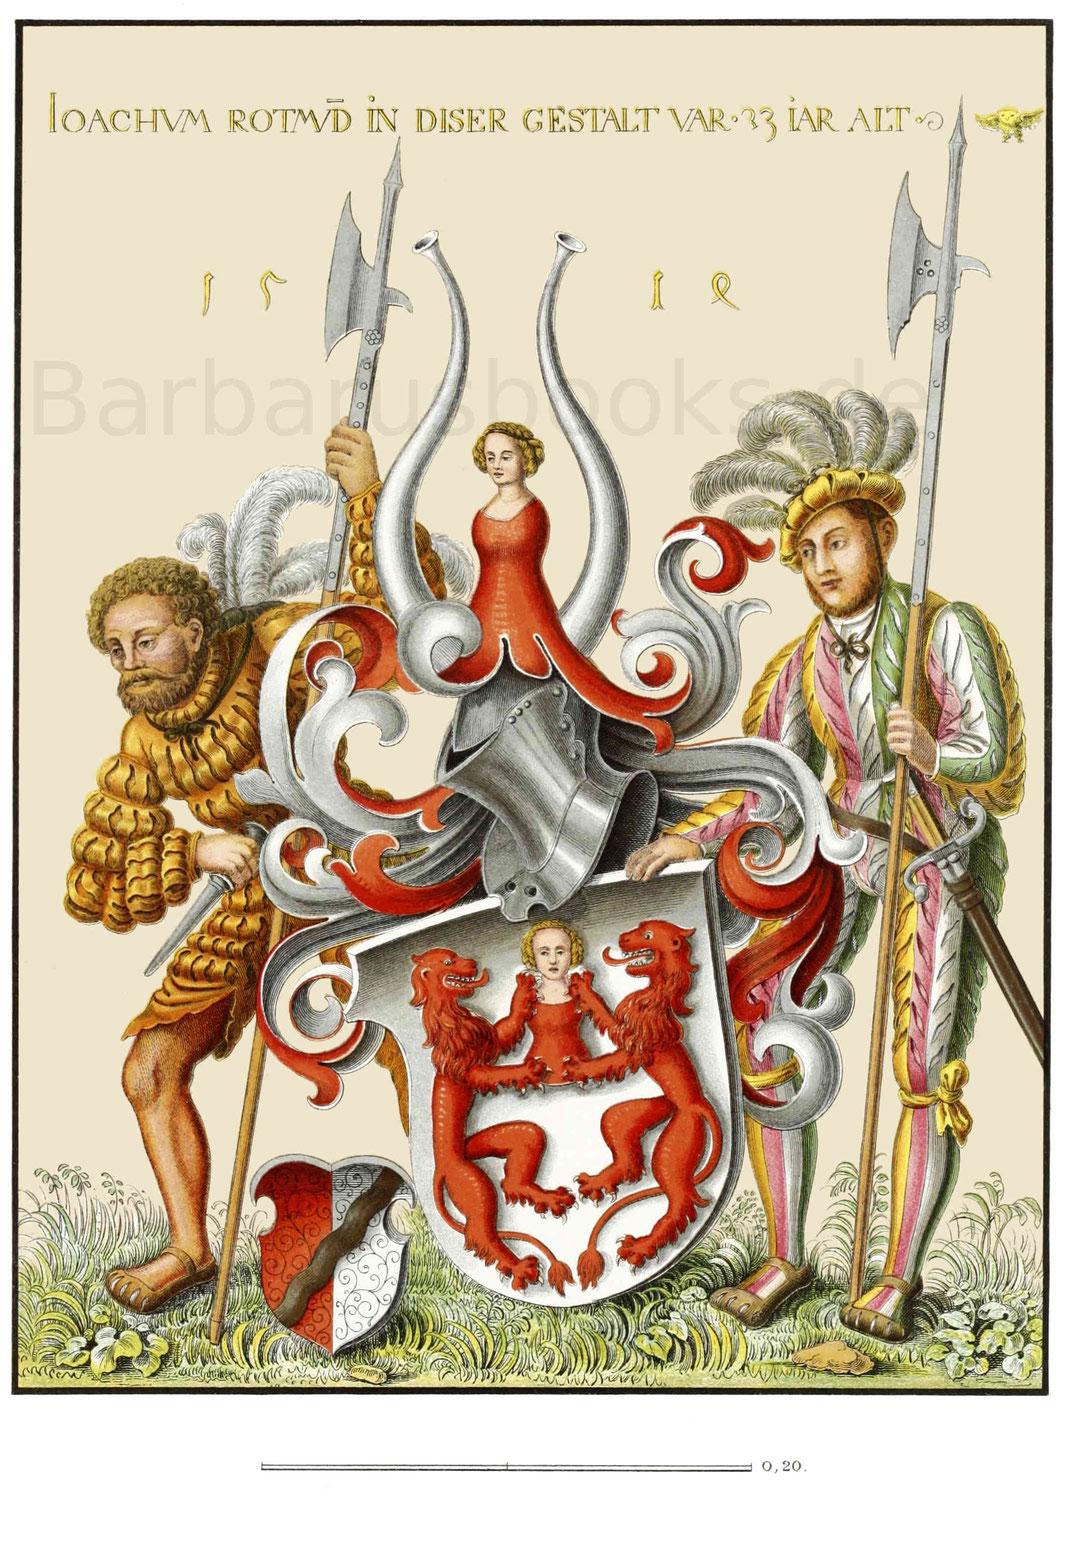 Ölgemälde, darstellend ein Wappen mit zwei Landsknechten